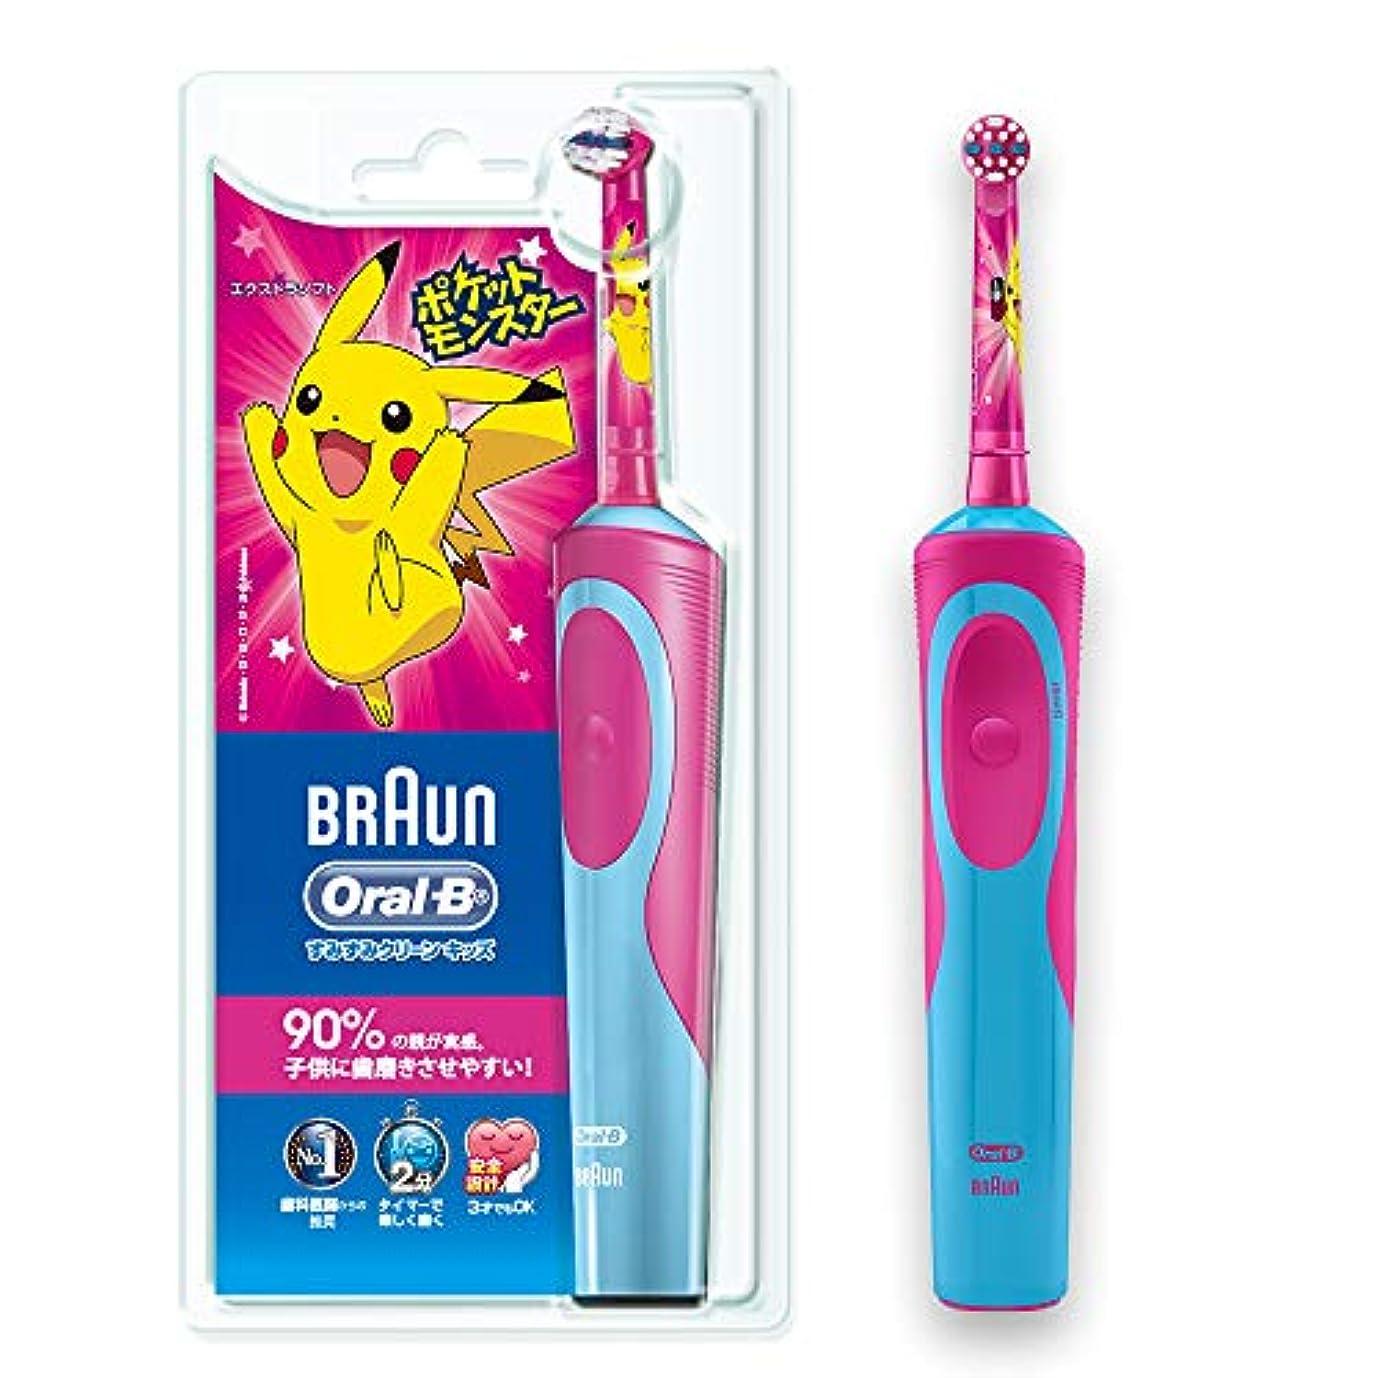 みうま無意味ブラウン オーラルB 電動歯ブラシ 子供用 D12513KPKMG すみずみクリーンキッズ 本体 ピンク ポケモン 歯ブラシ